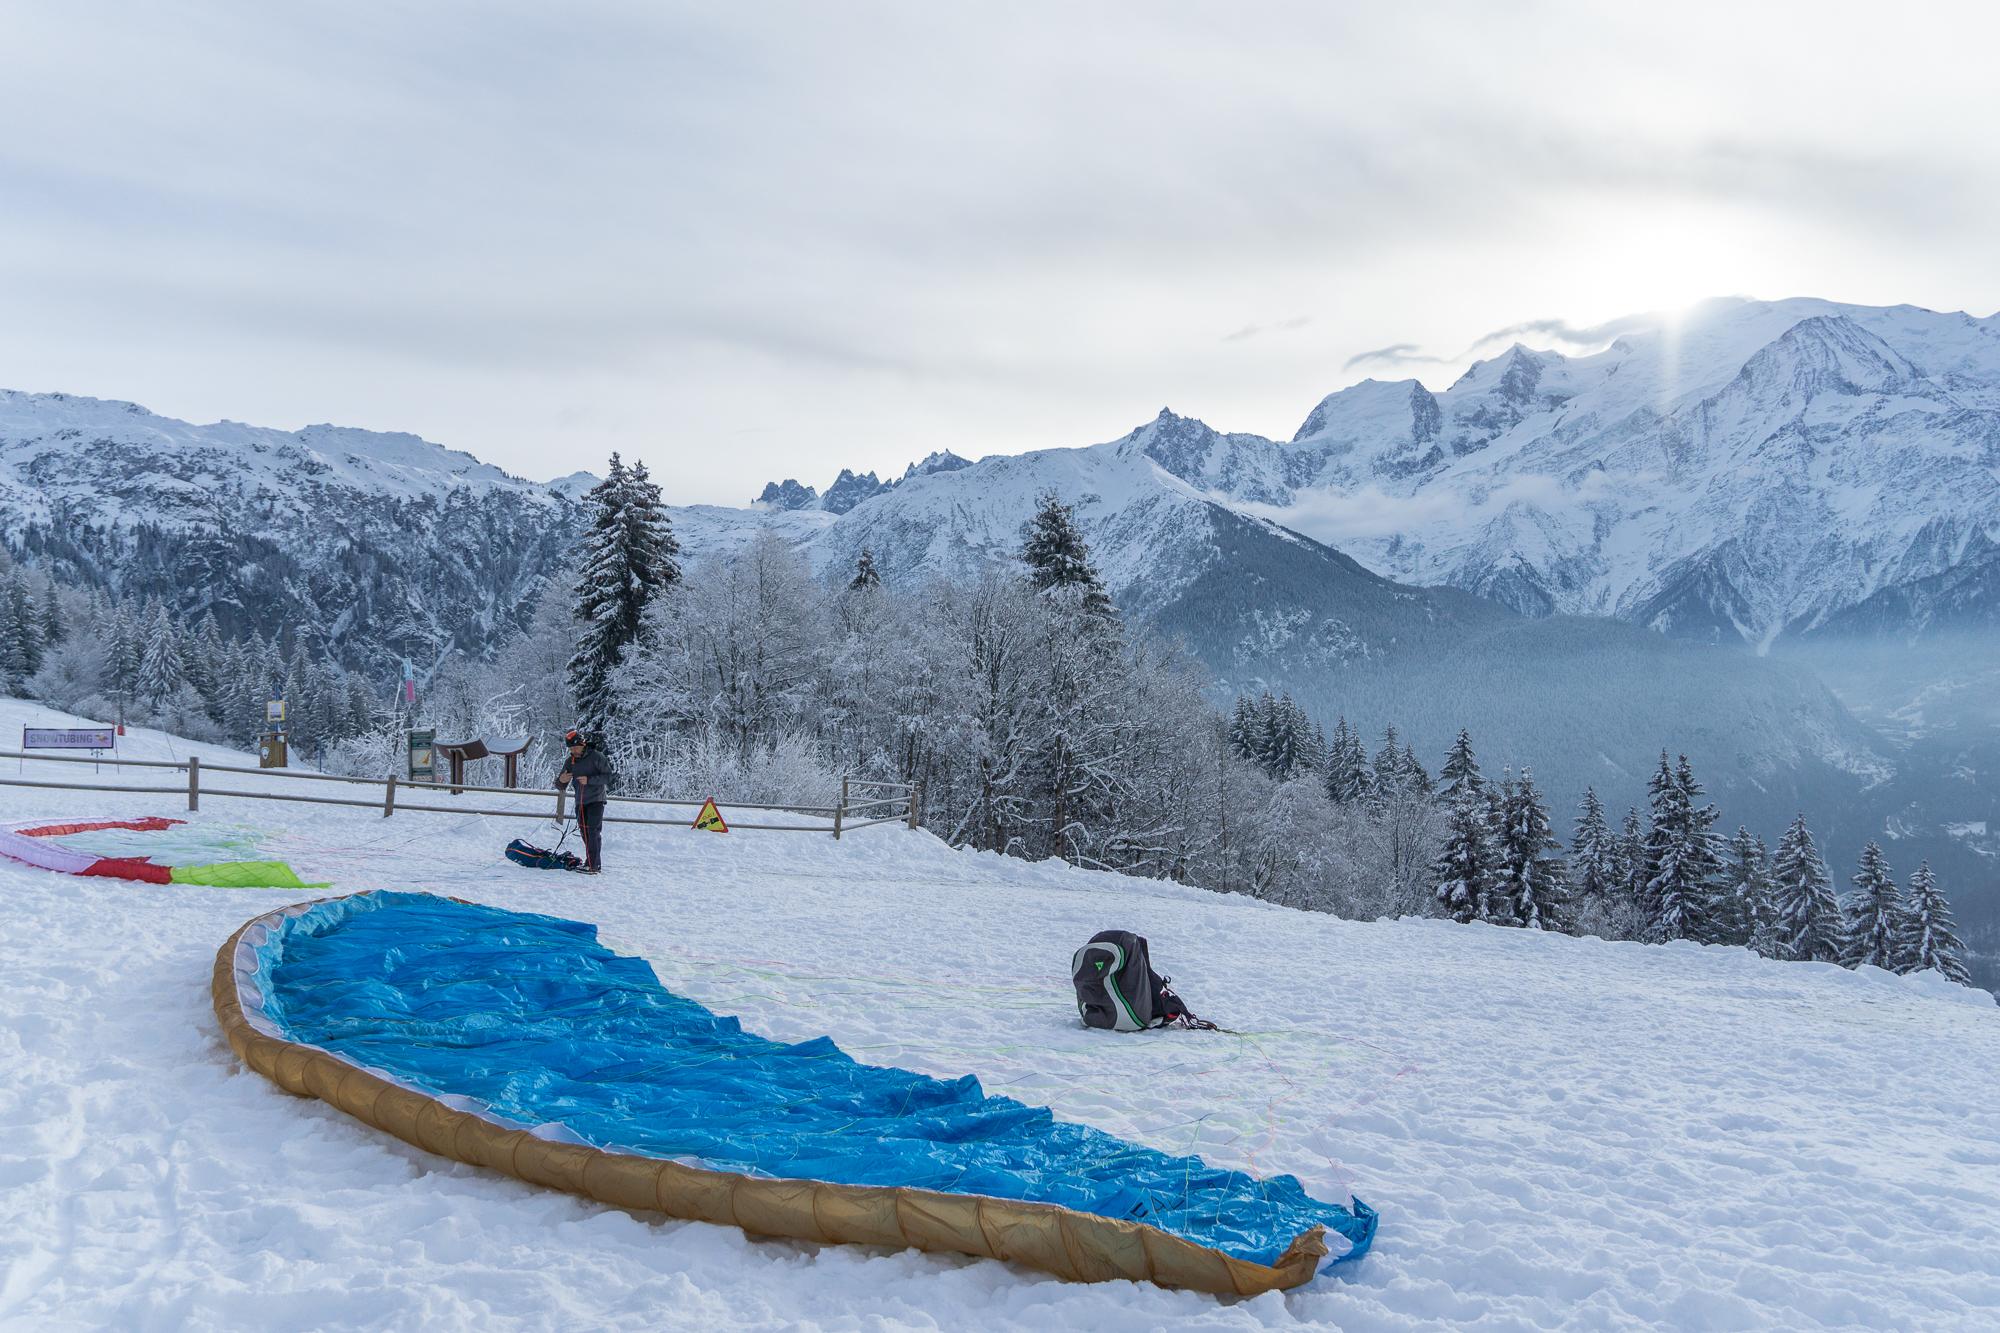 Rando-parapente à ski